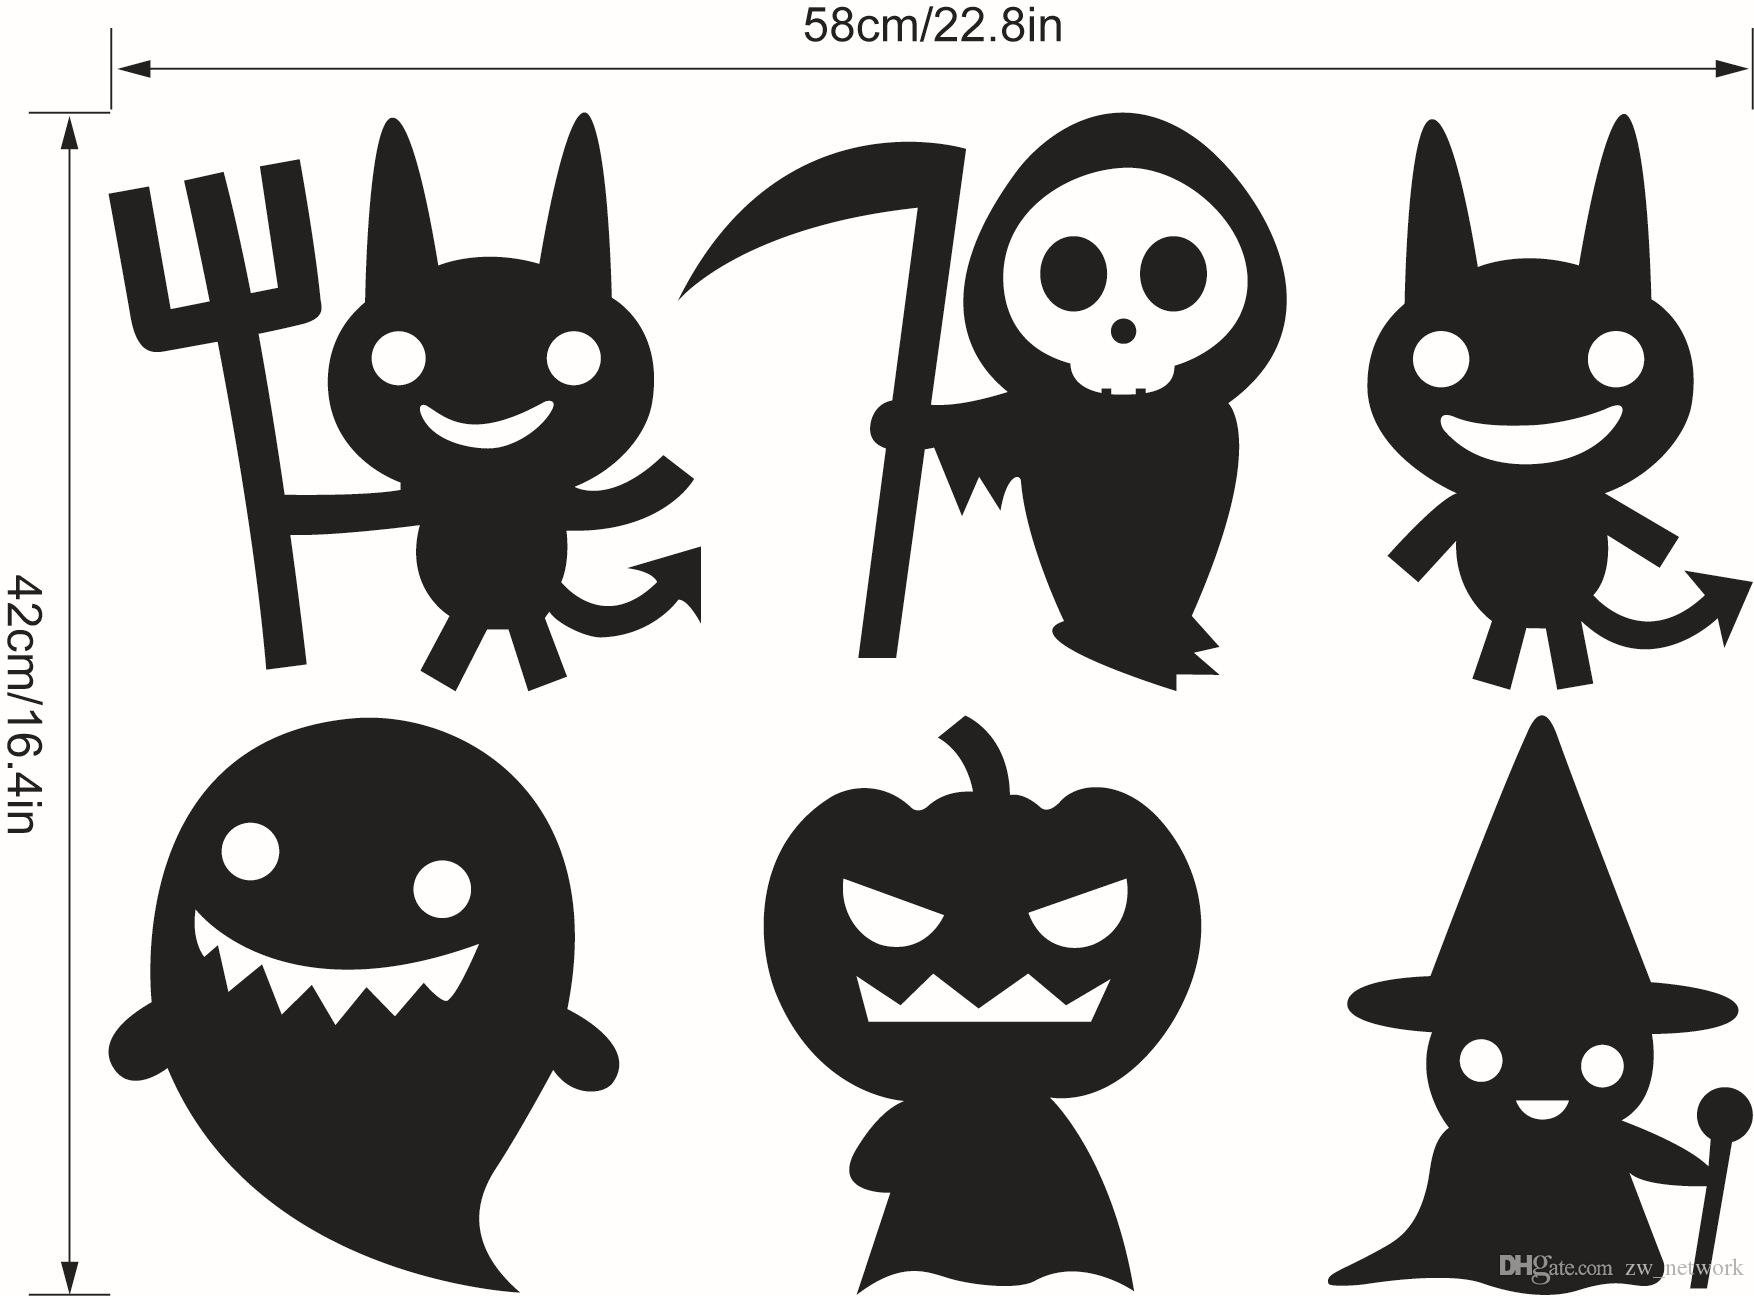 Home Decoration Halloween Wall Stickers Series Door Window